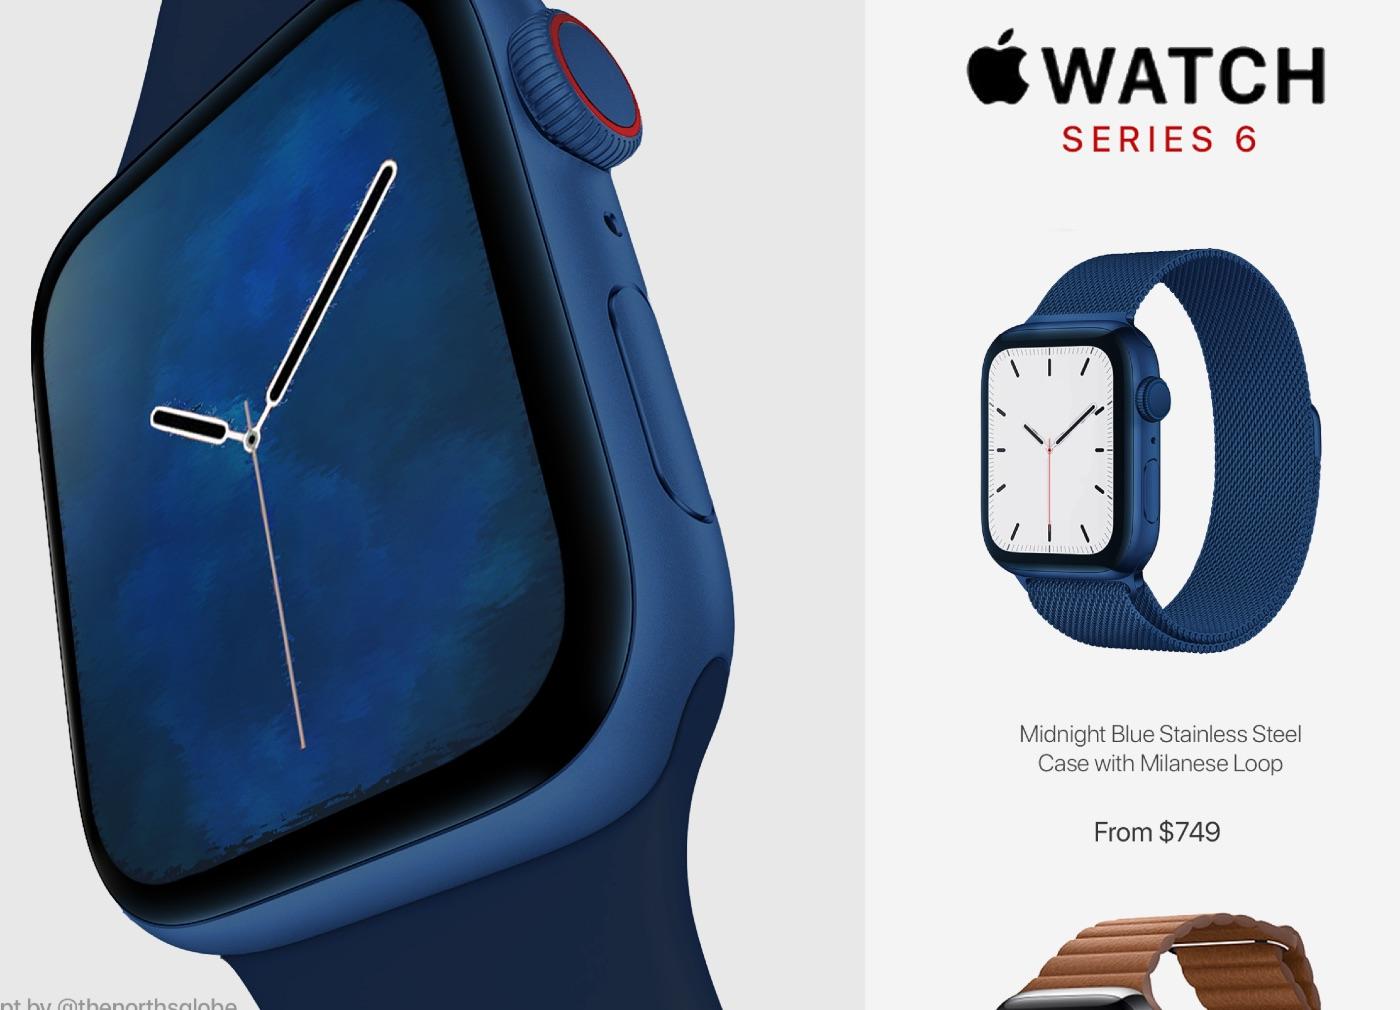 ミッドナイトブルーカラーのApple Watch Series 6のコンセプトデザイン